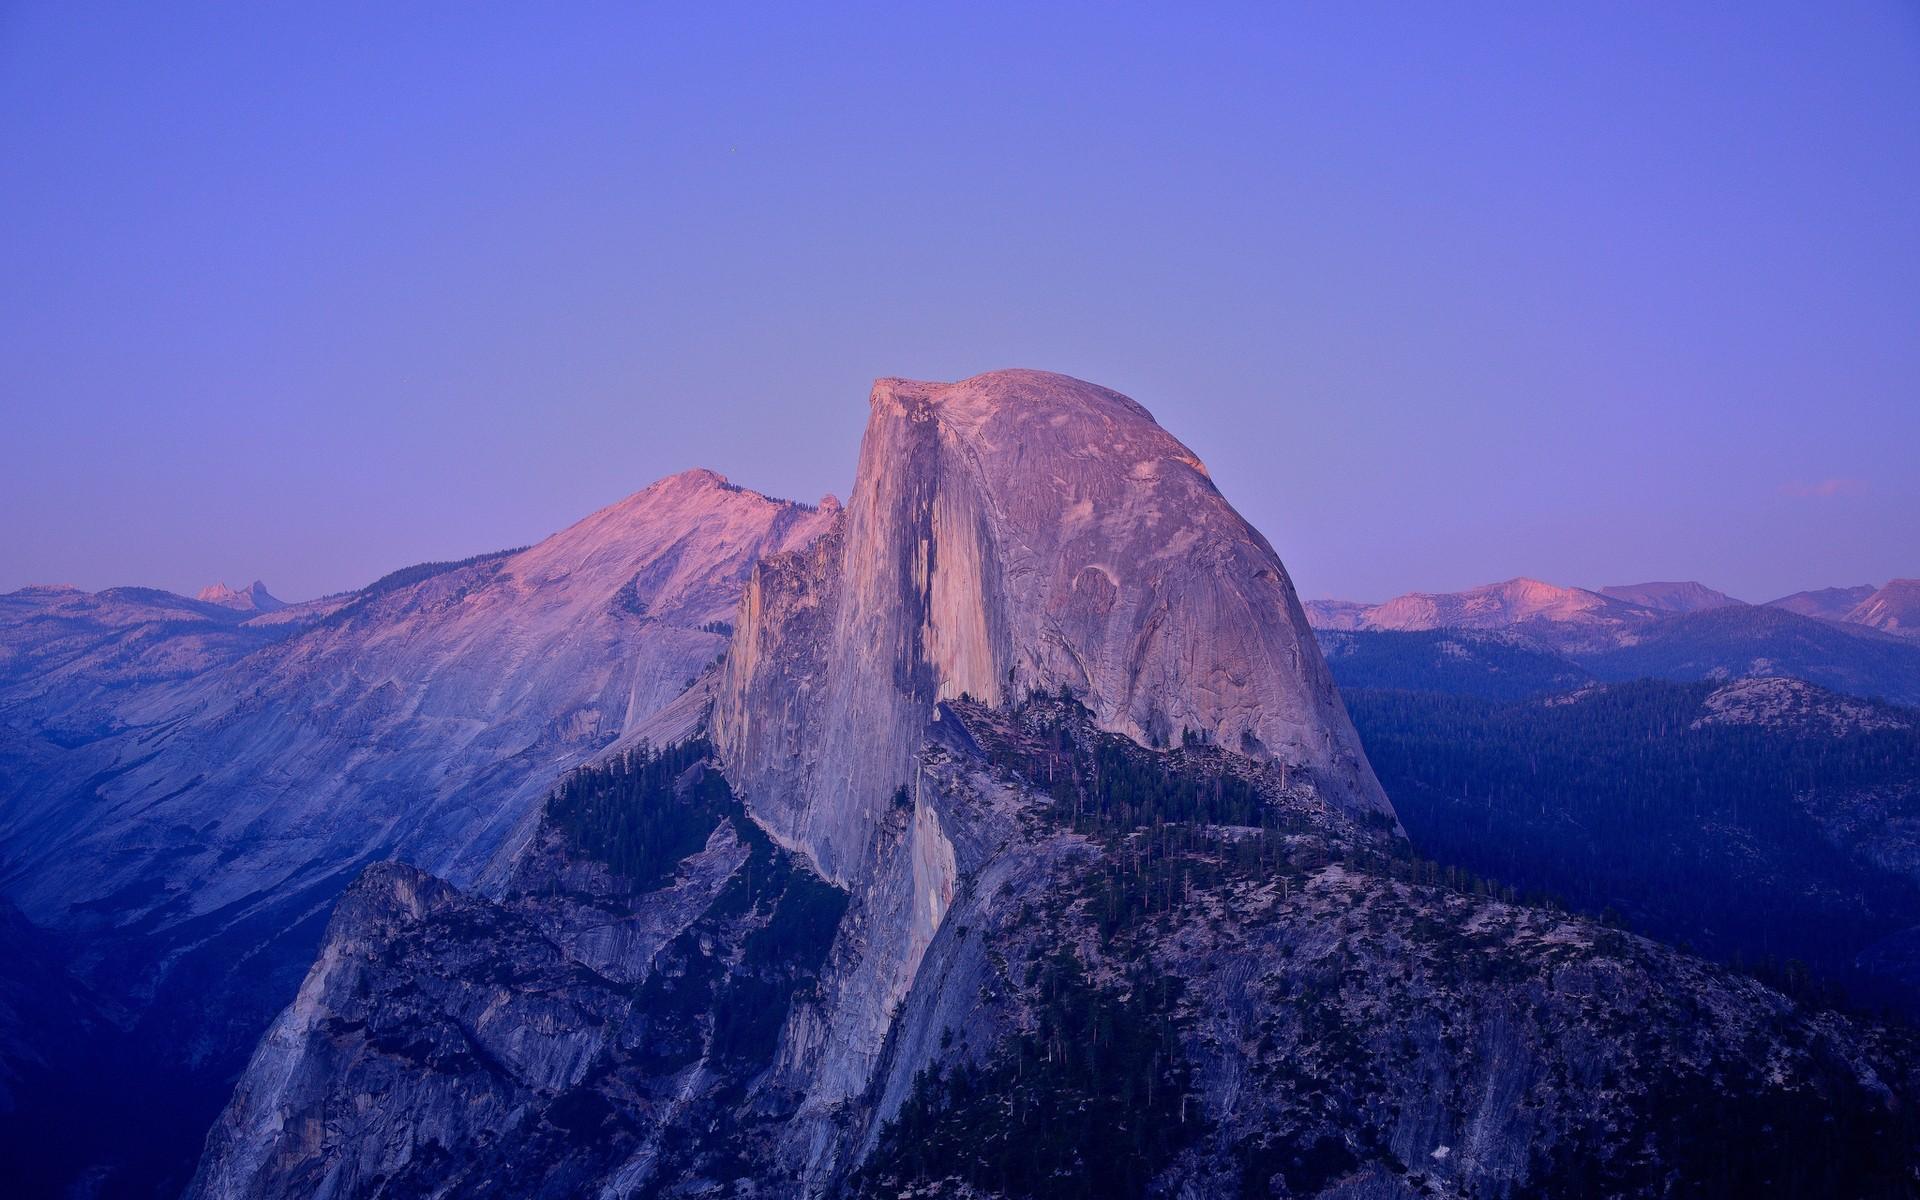 yosemite national park california. desktop wallpapers for free.